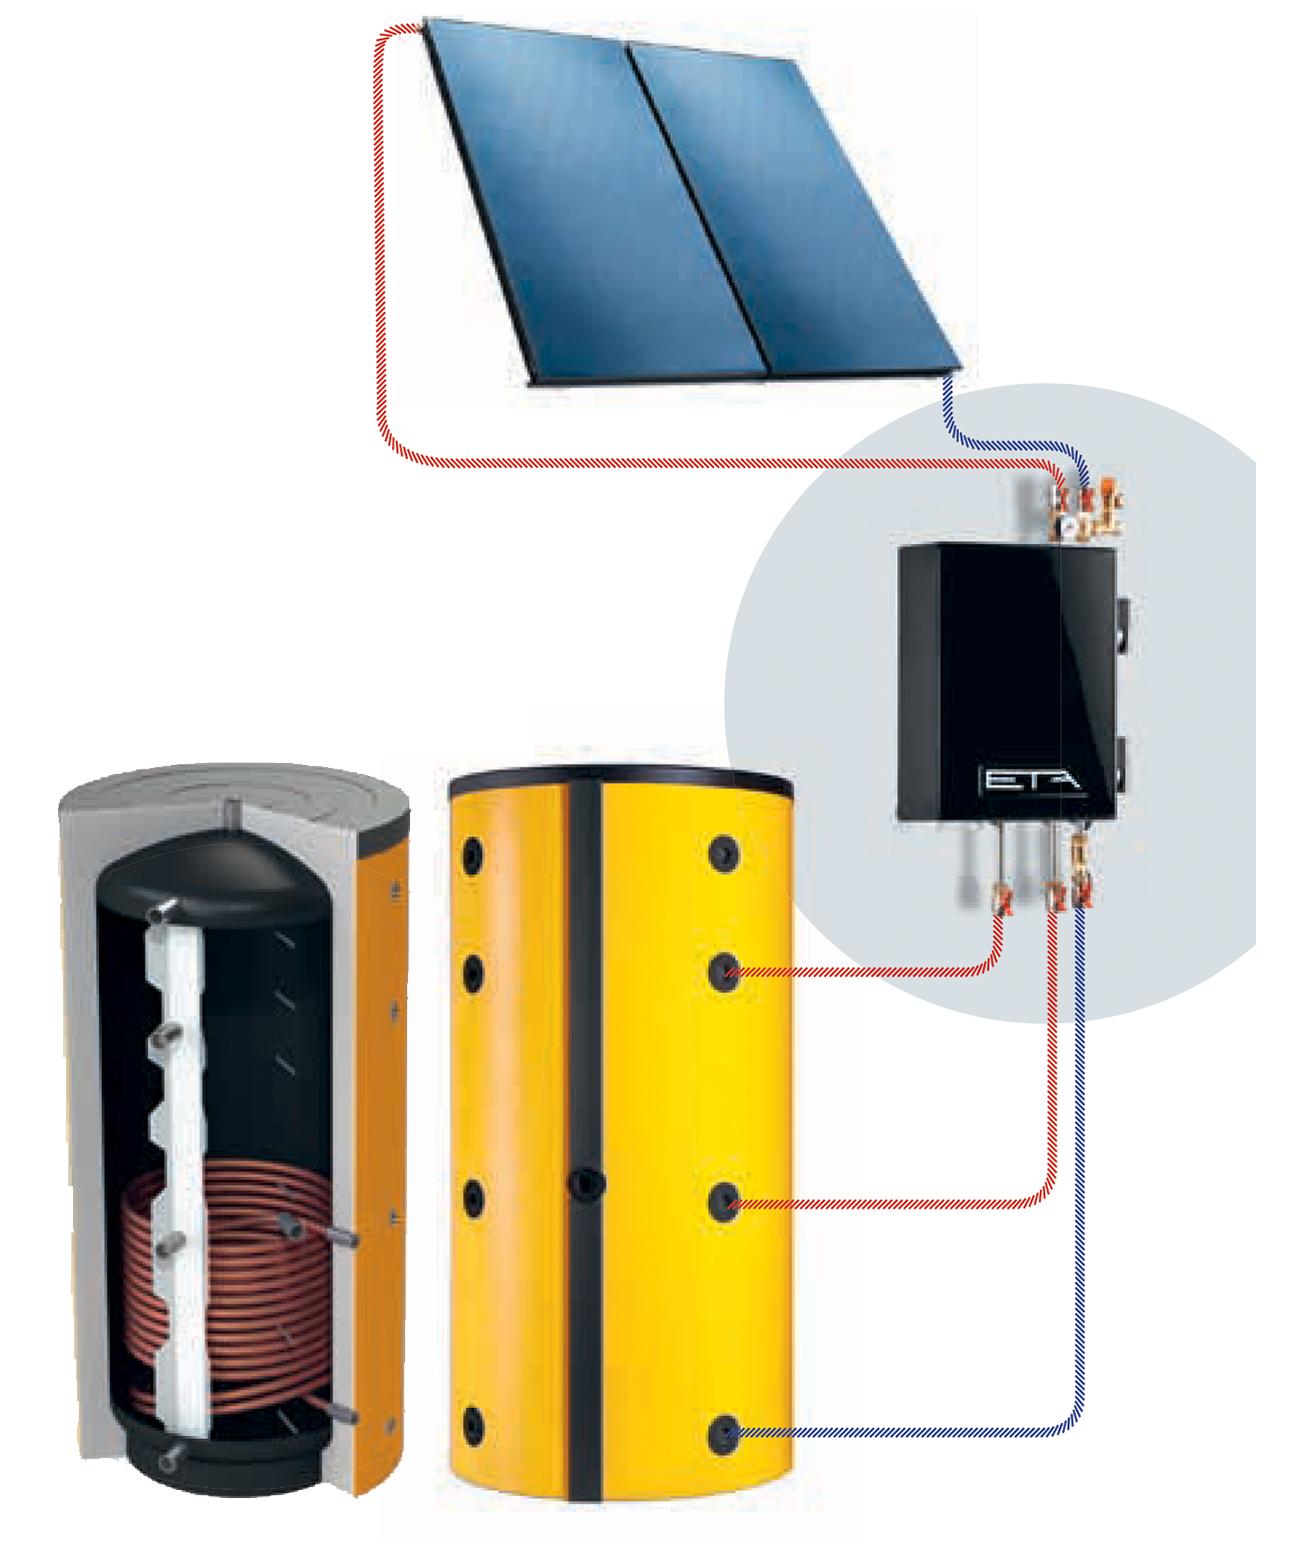 solarmodule: boiler met solar